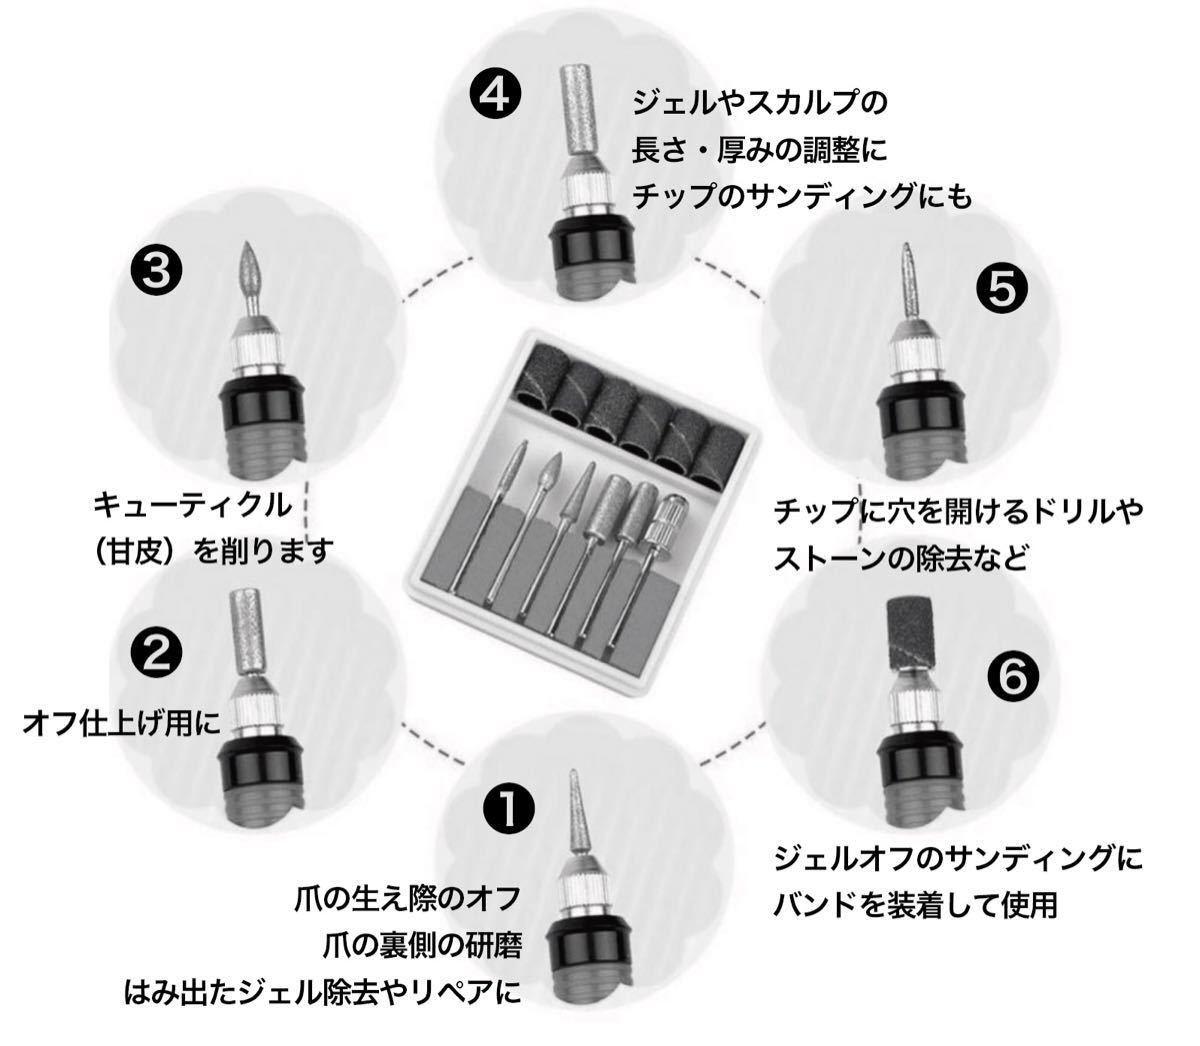 ハイパワー電動ネイルマシーン!6ビット&サンディングバンドセット/ホワイト